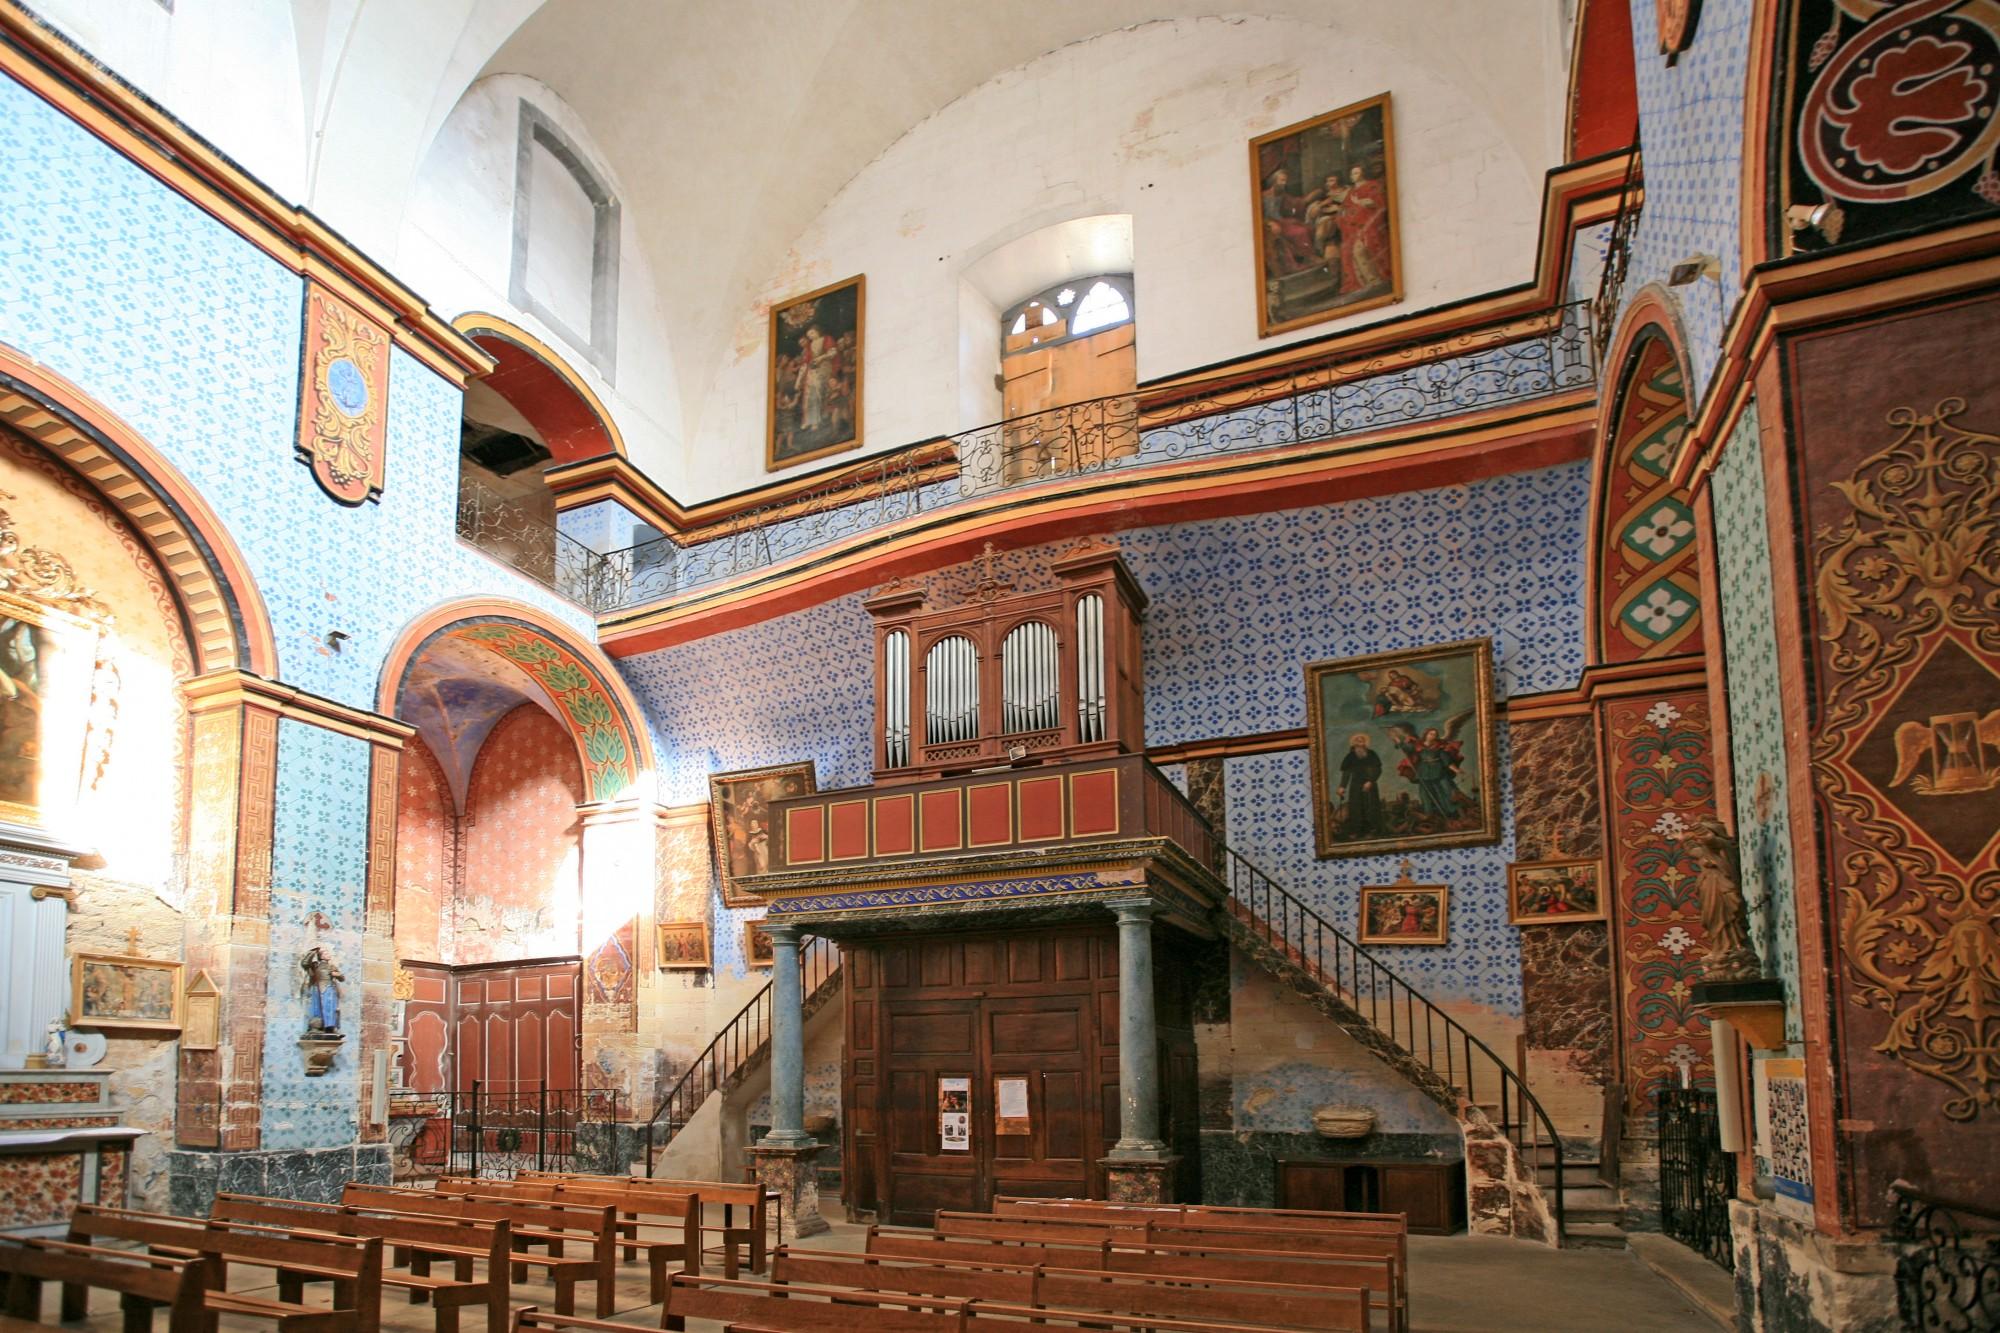 Orgue de l'église de Gordes, Luberon